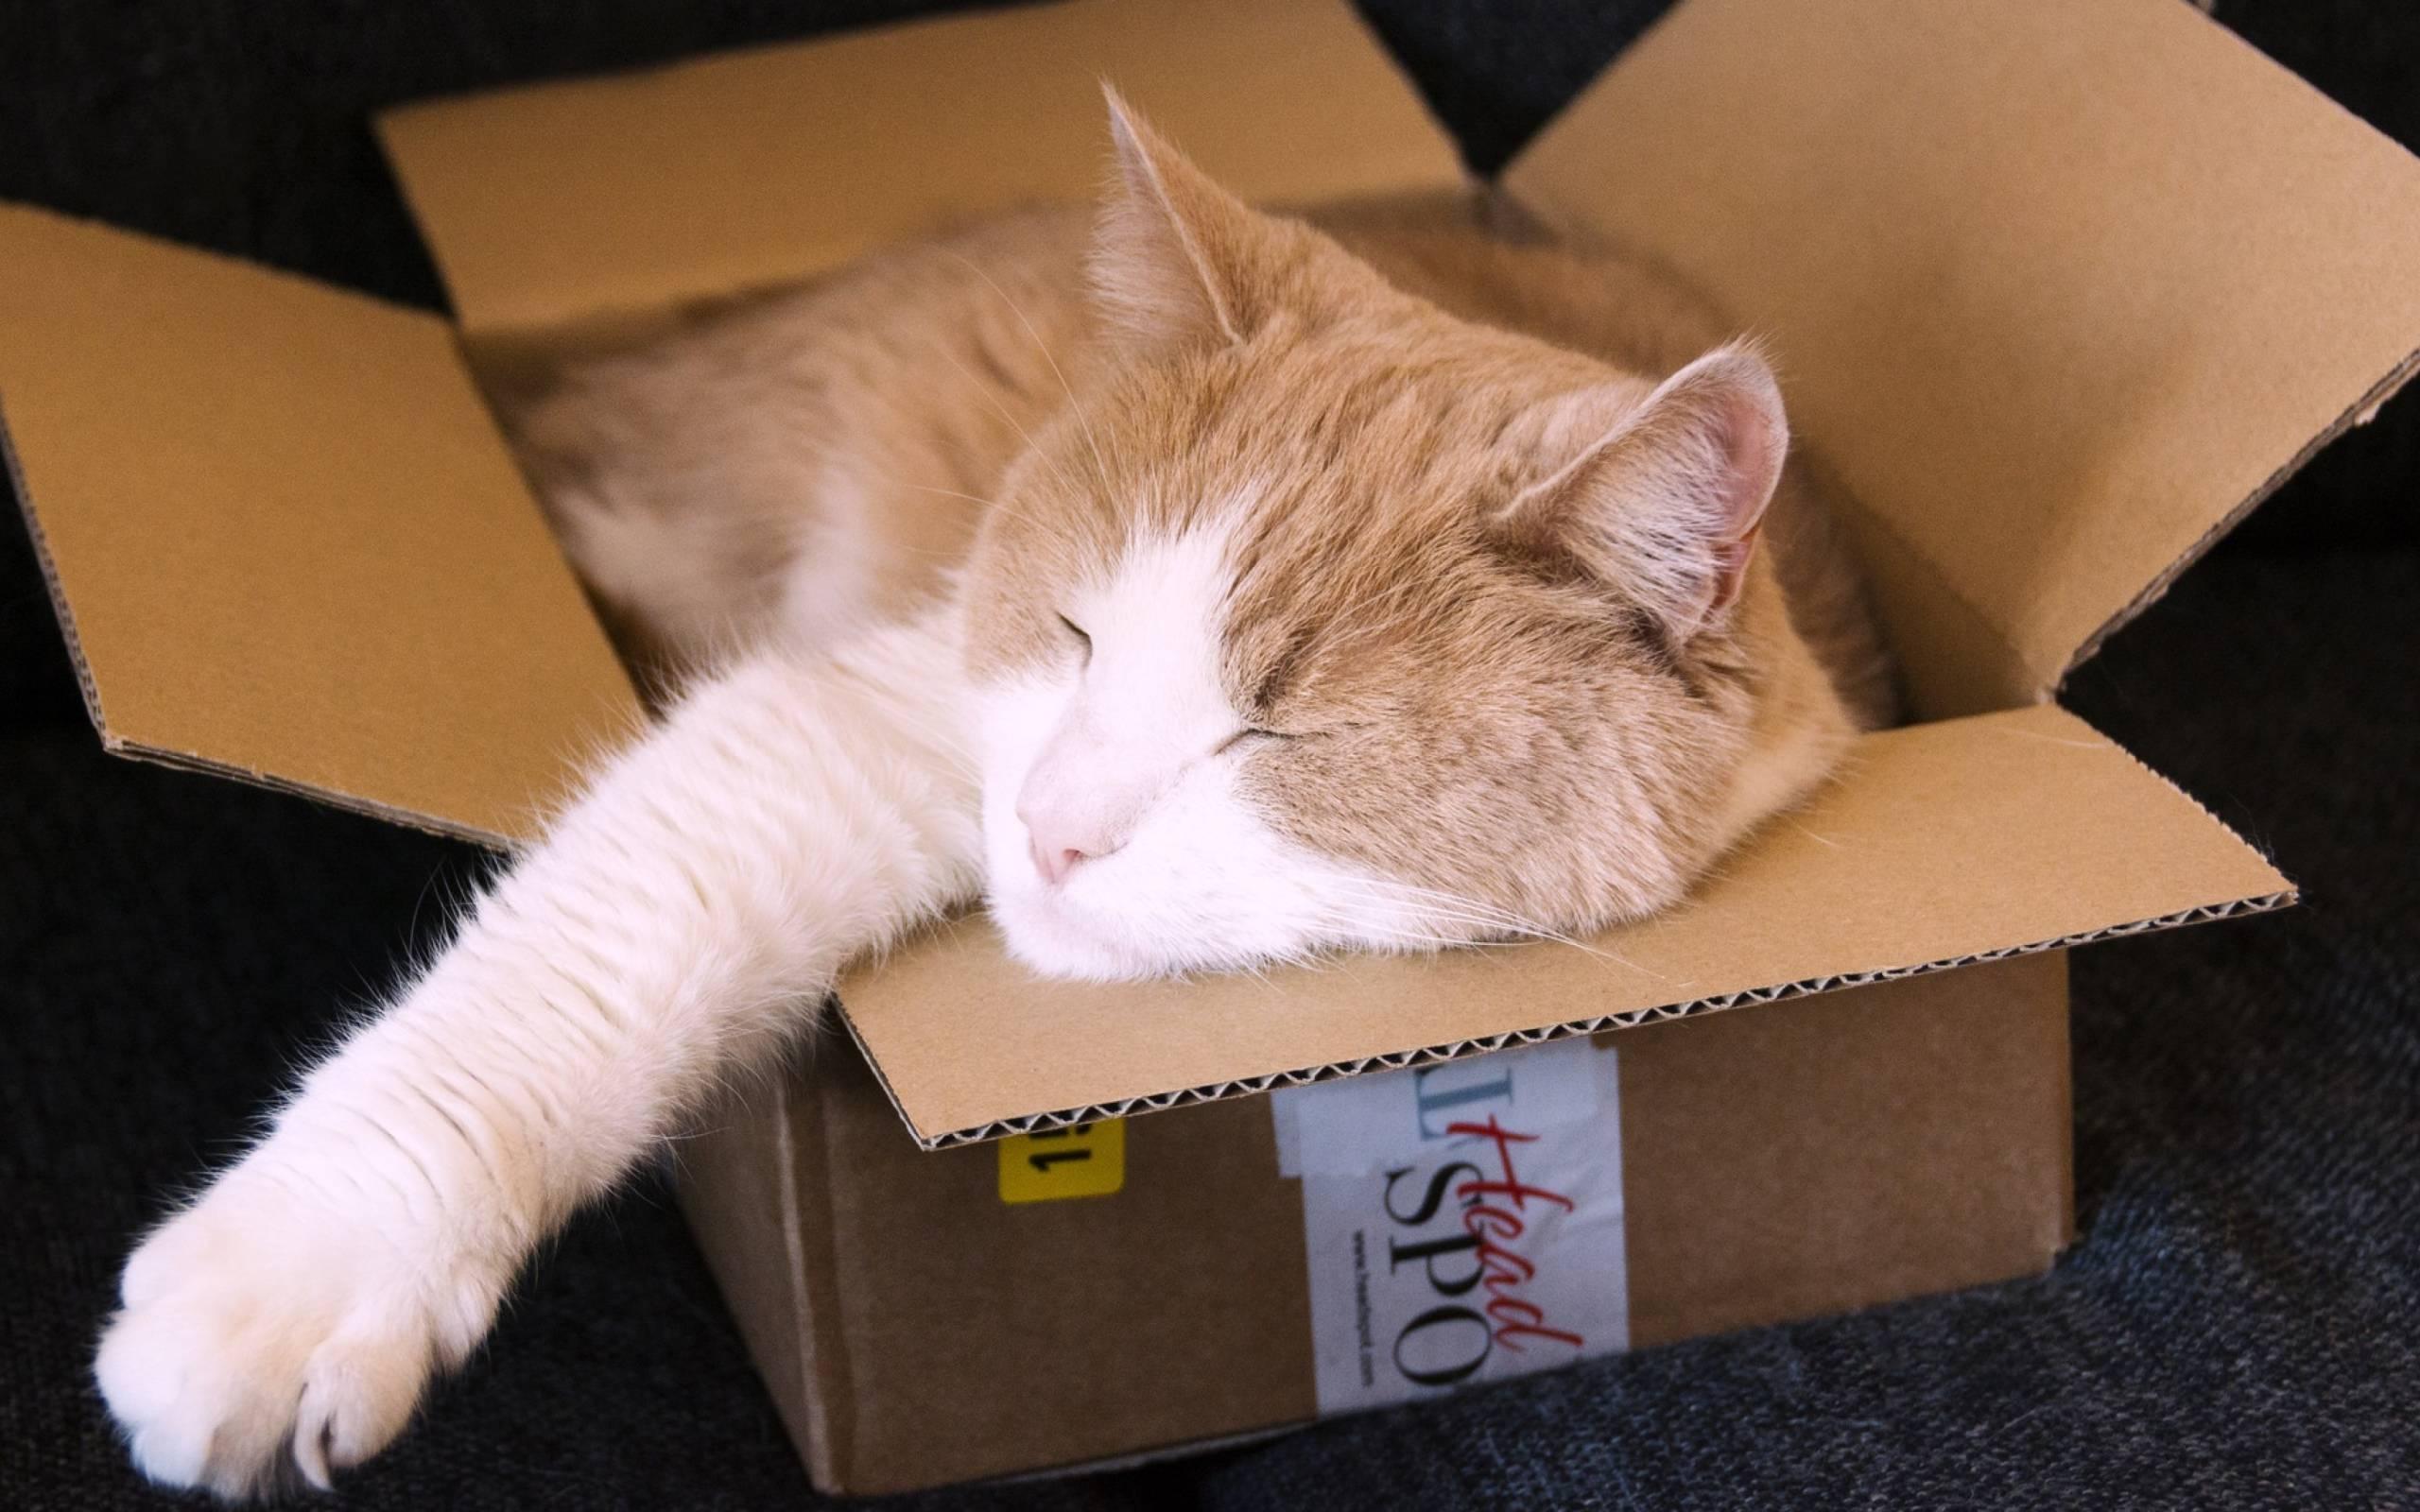 Кот ест и грызет вещи - что делать и нормально ли это?